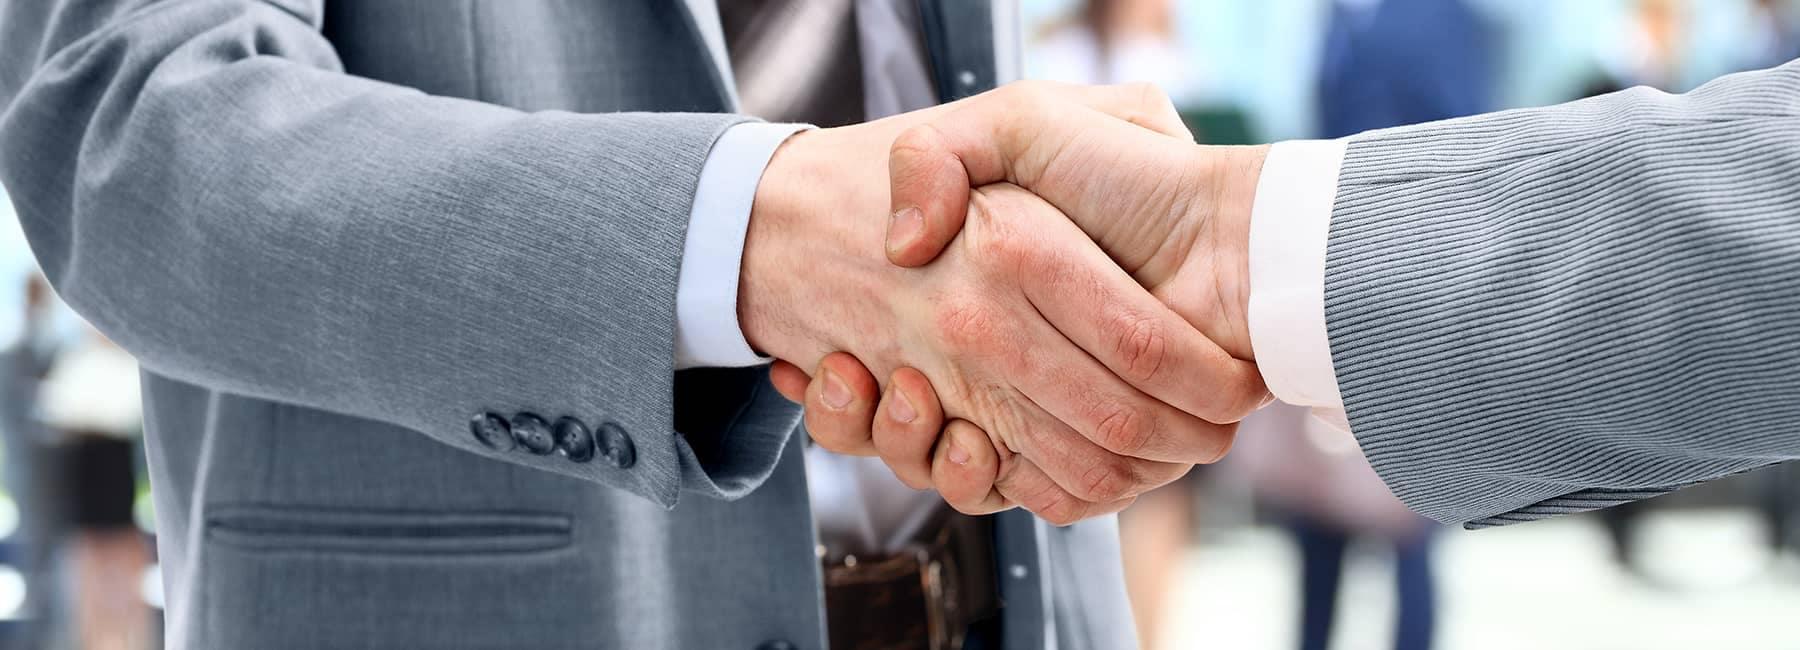 Finance Handshake